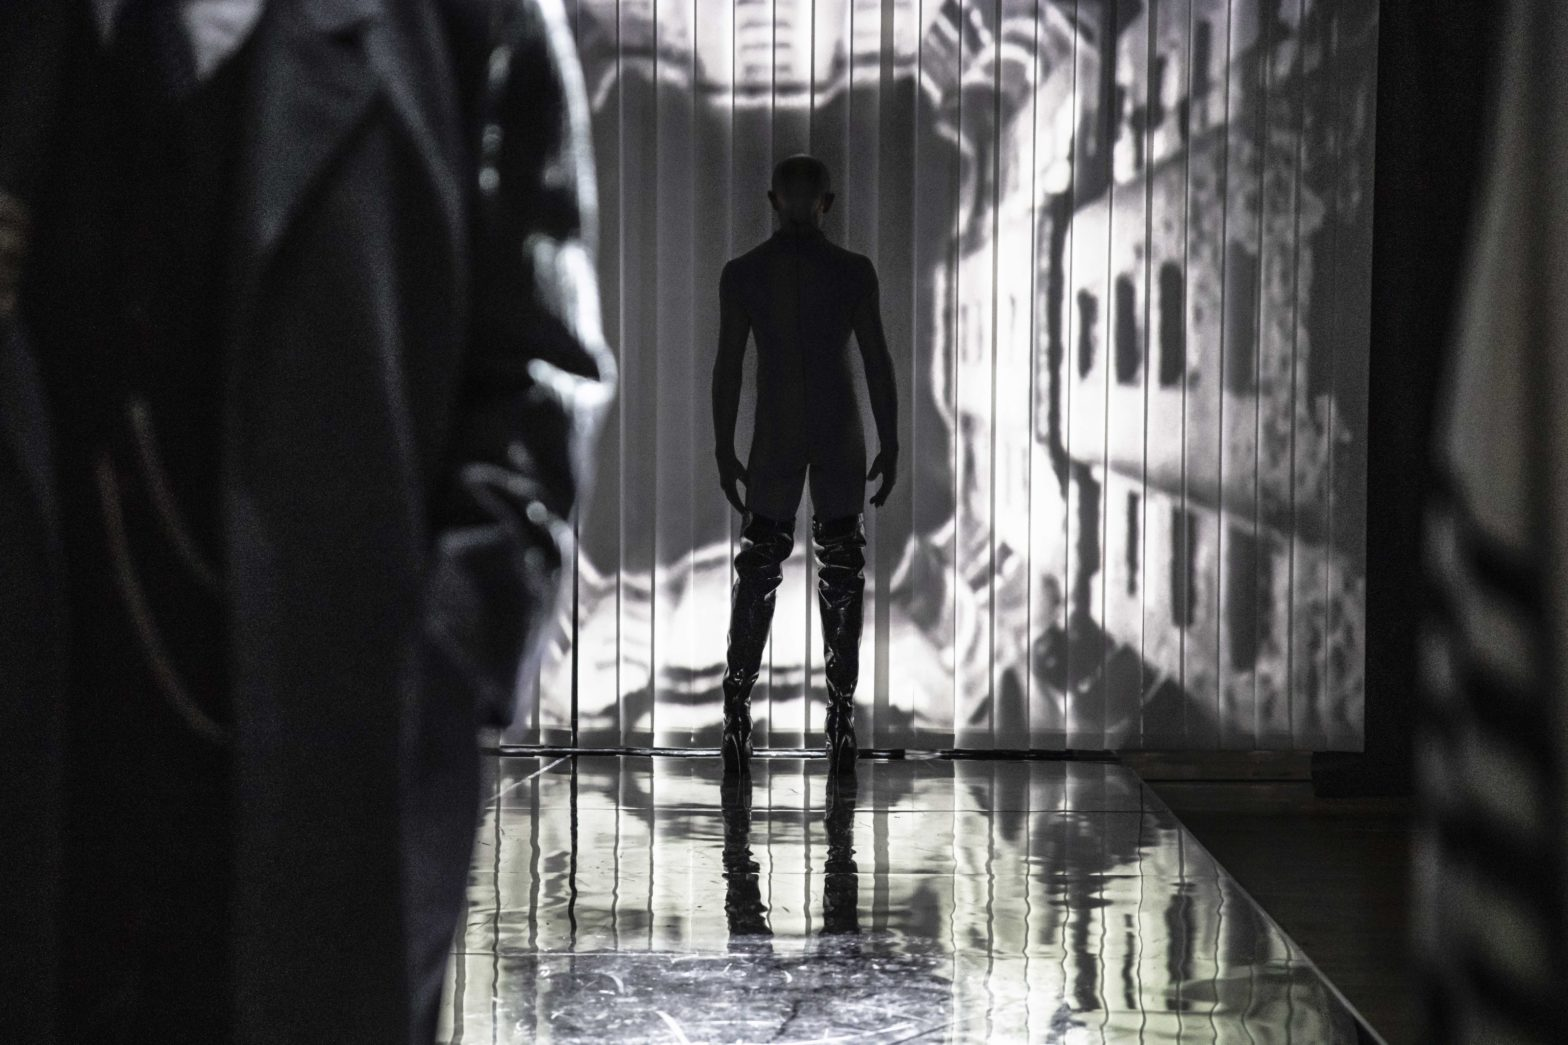 Scena spektaklu, odwrócony mężczyzna w czarnym kostiumie stoi naprzeciwko ściany, na której jest wyświetlony tunel. Na pierwszym stoi mężczyzna w długim płaszczu.